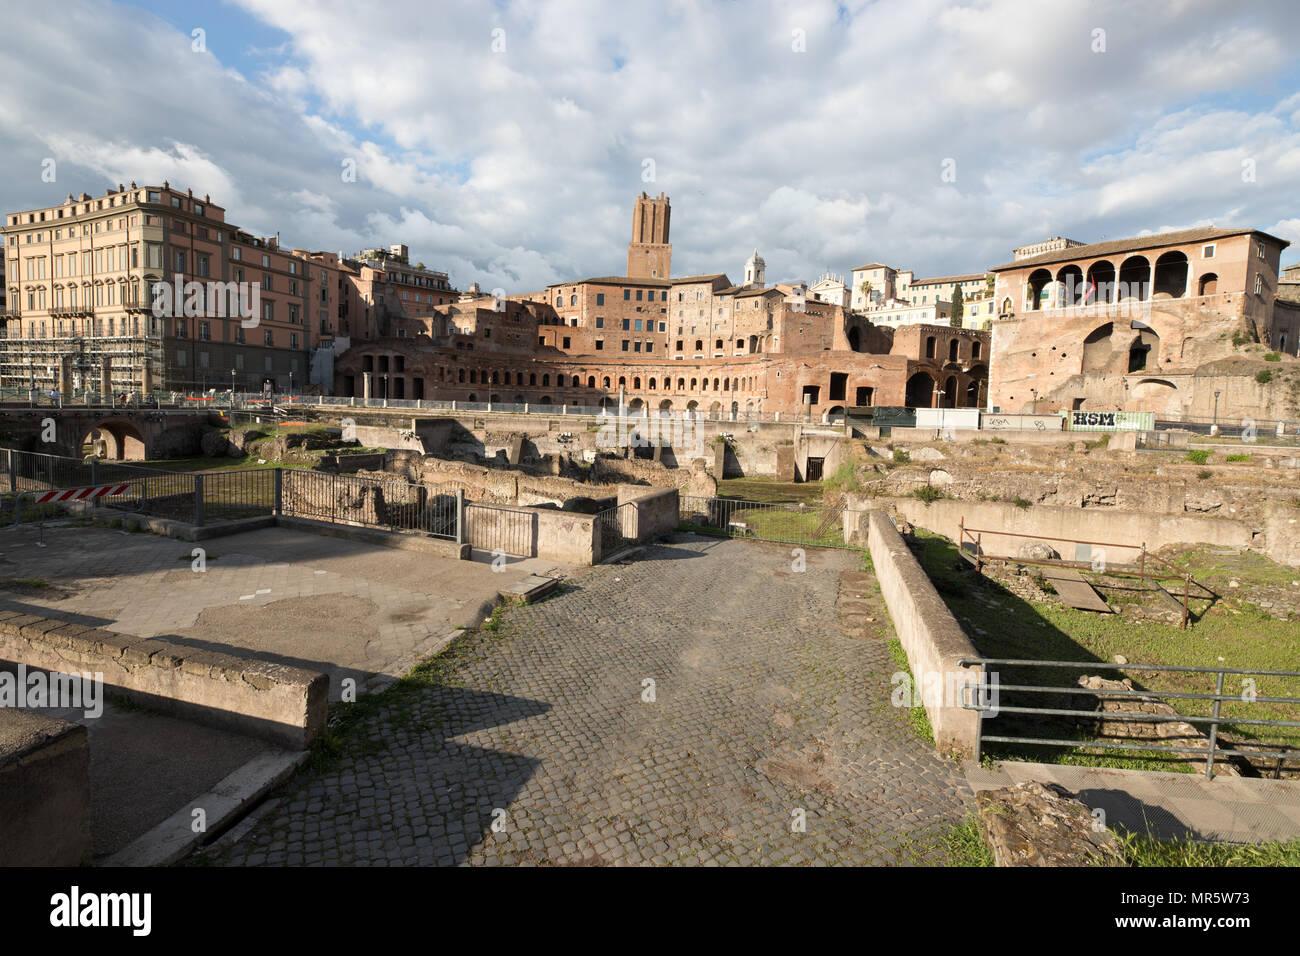 Rome, Italy. Trajan's Market. - Stock Image